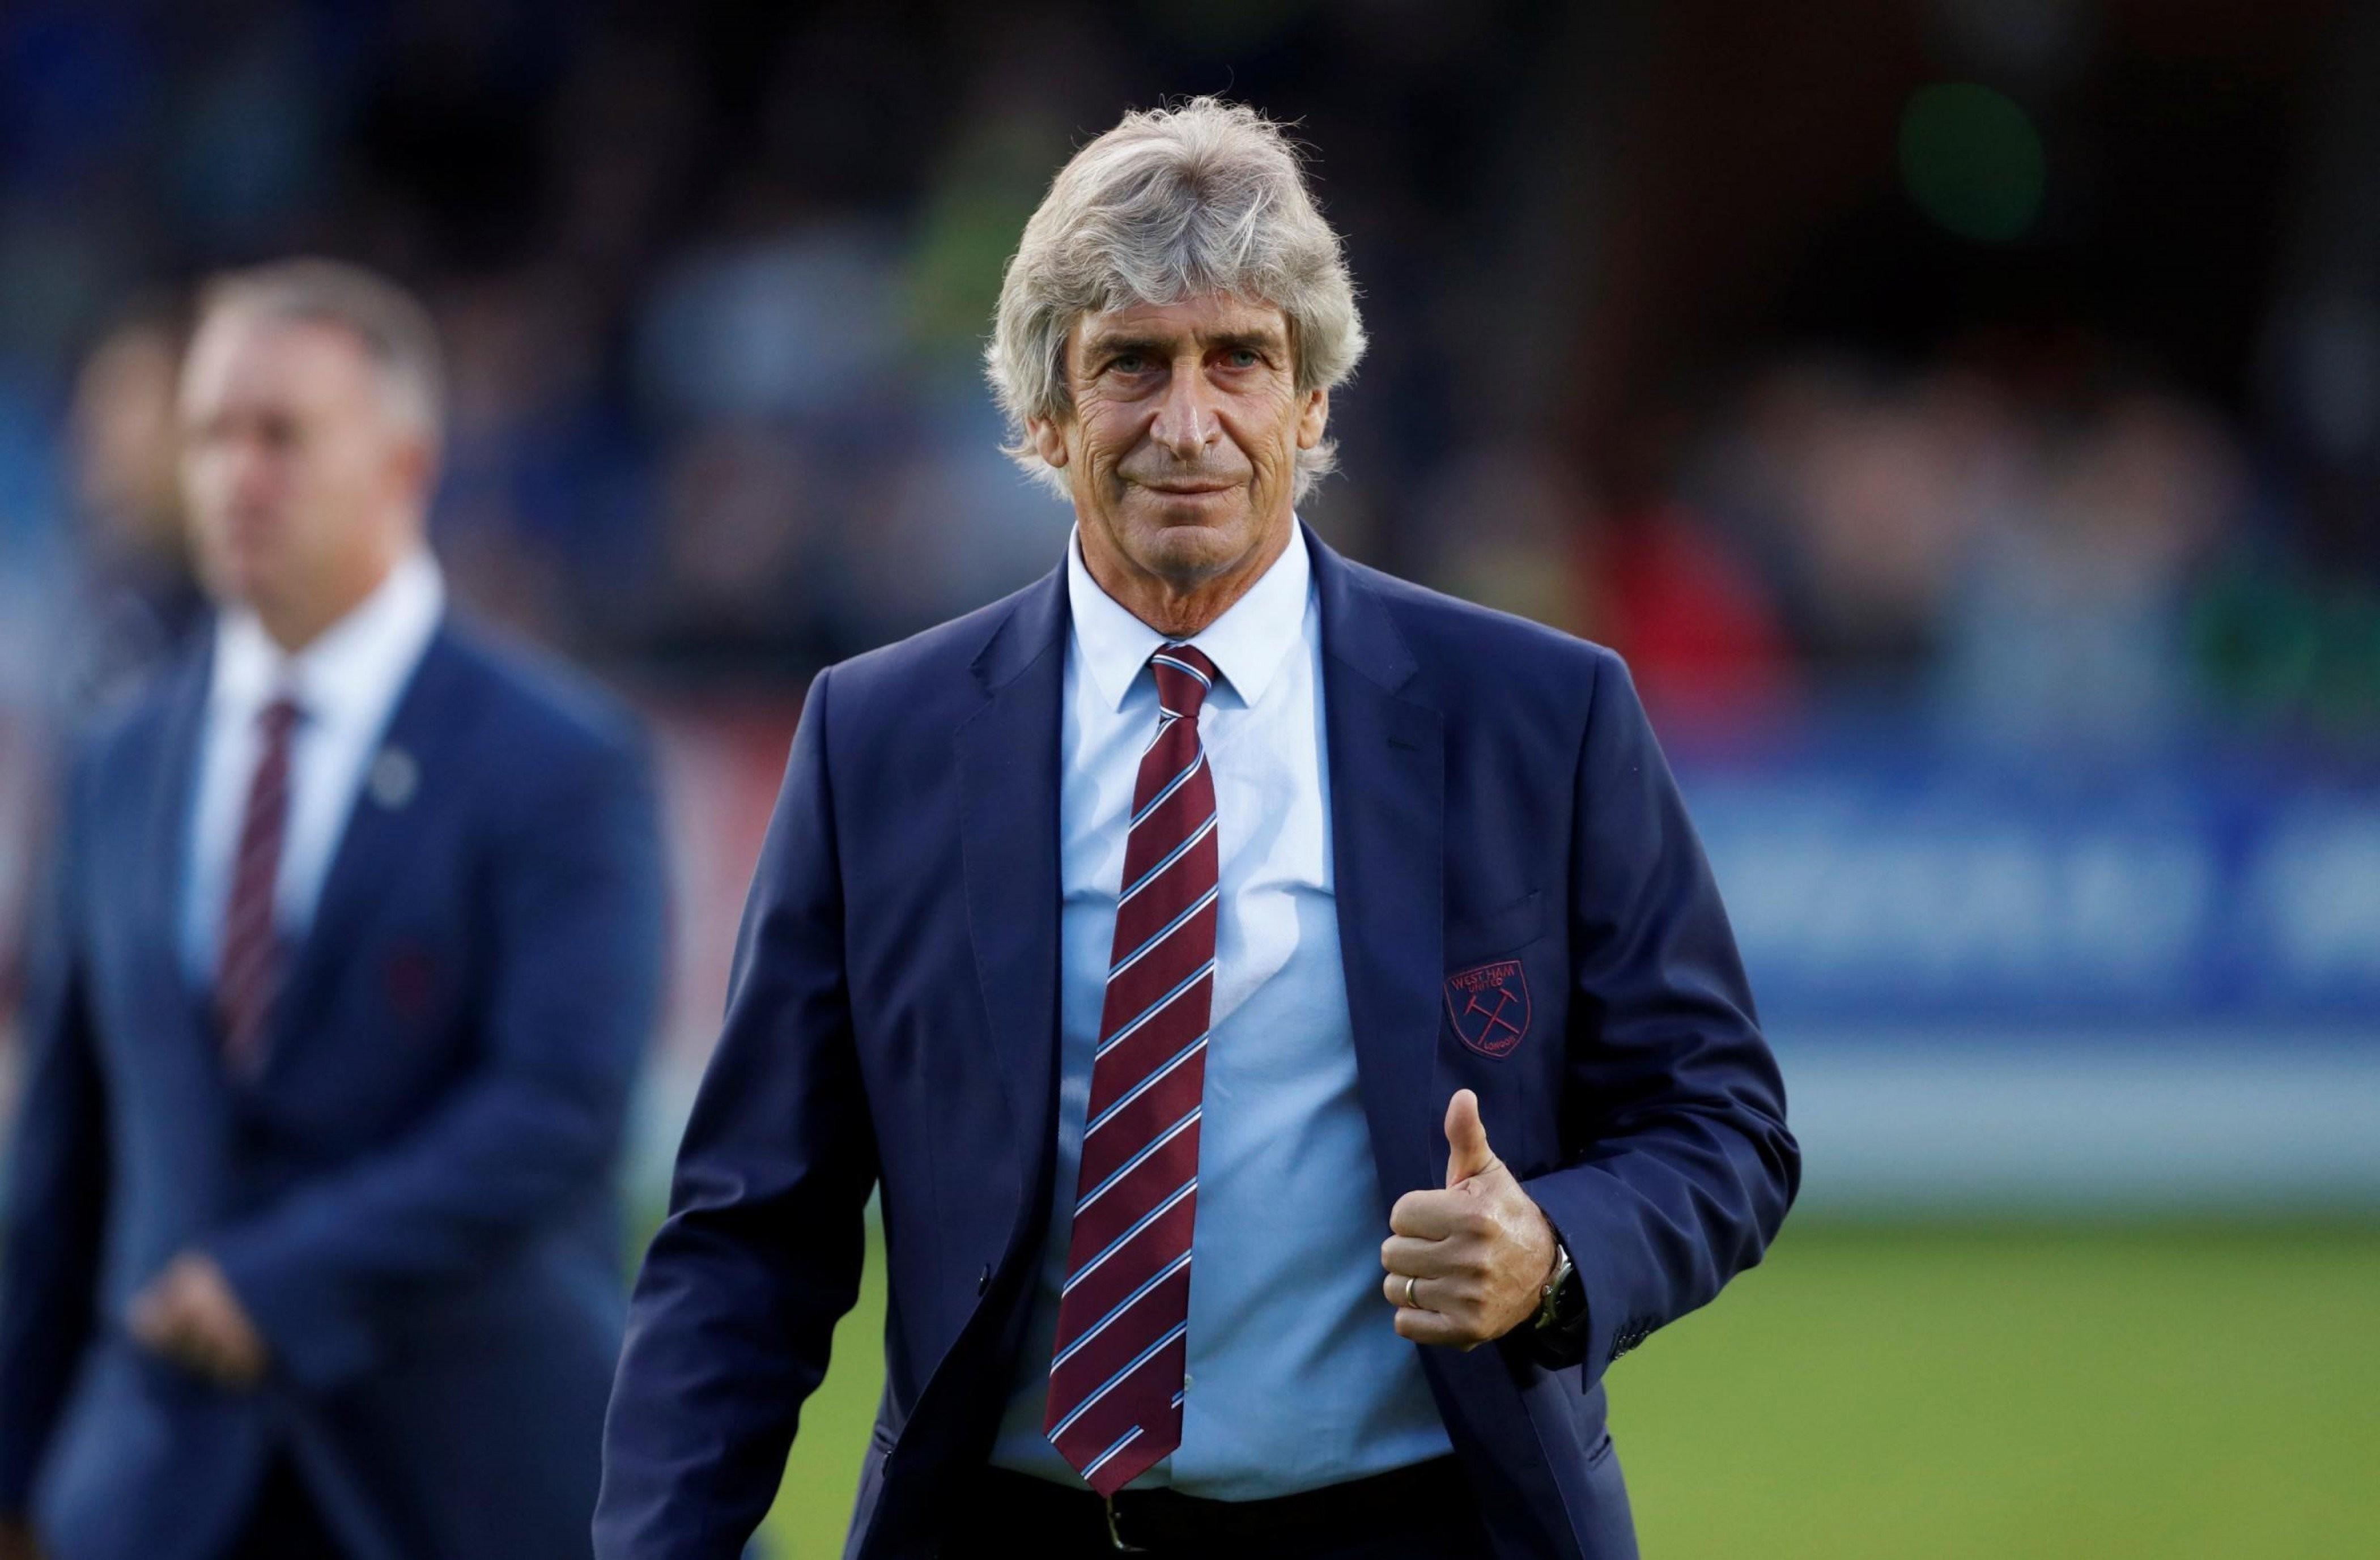 Manuel Pellegrini: We must be confident against unbeaten Chelsea